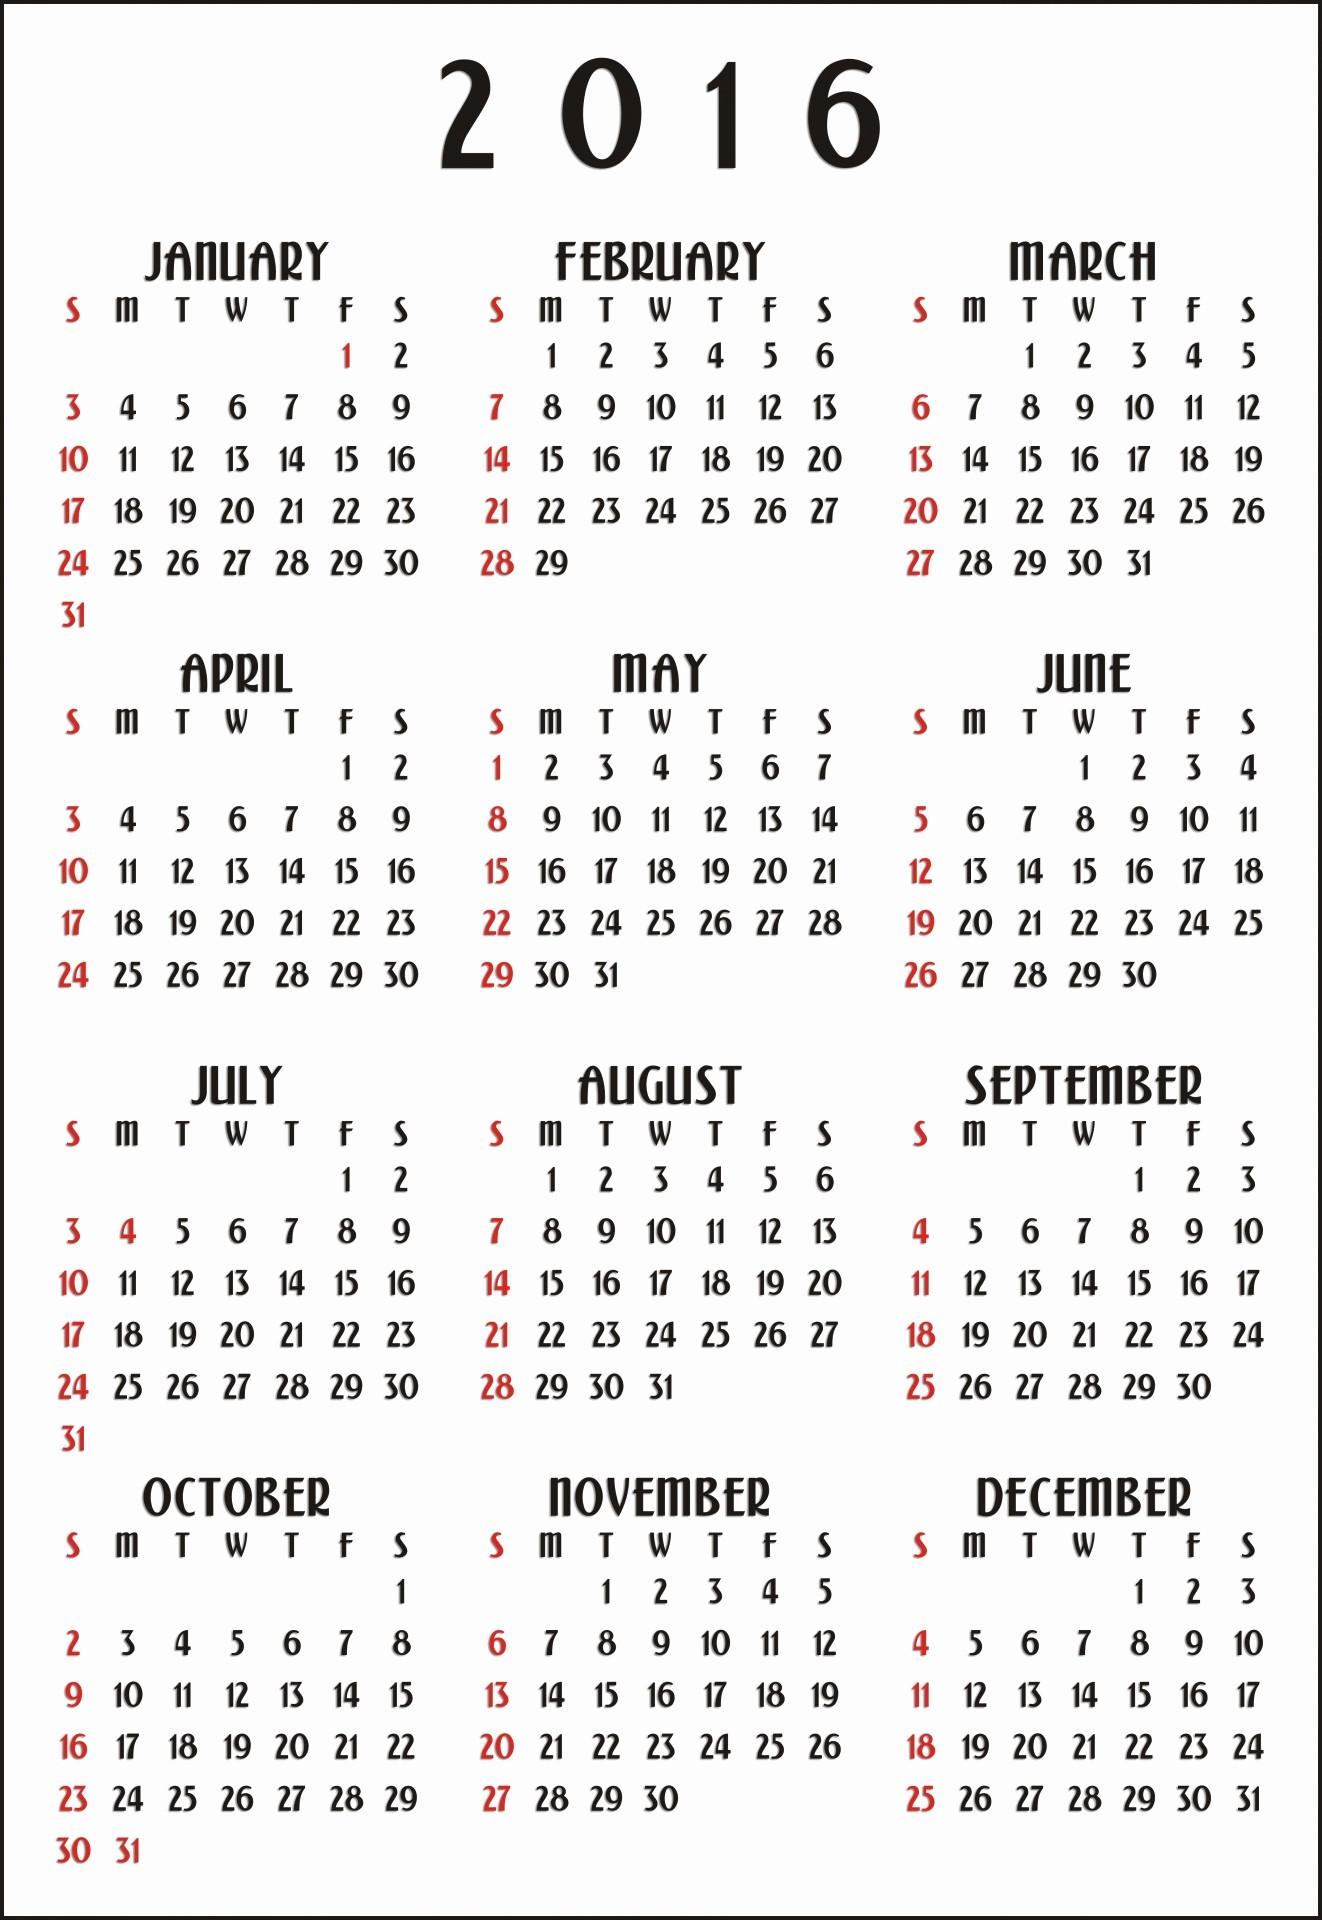 Free 12 Month Calendar 2017 Inspirational 12 Month Calendar 2016 Vertical Free Stock Public